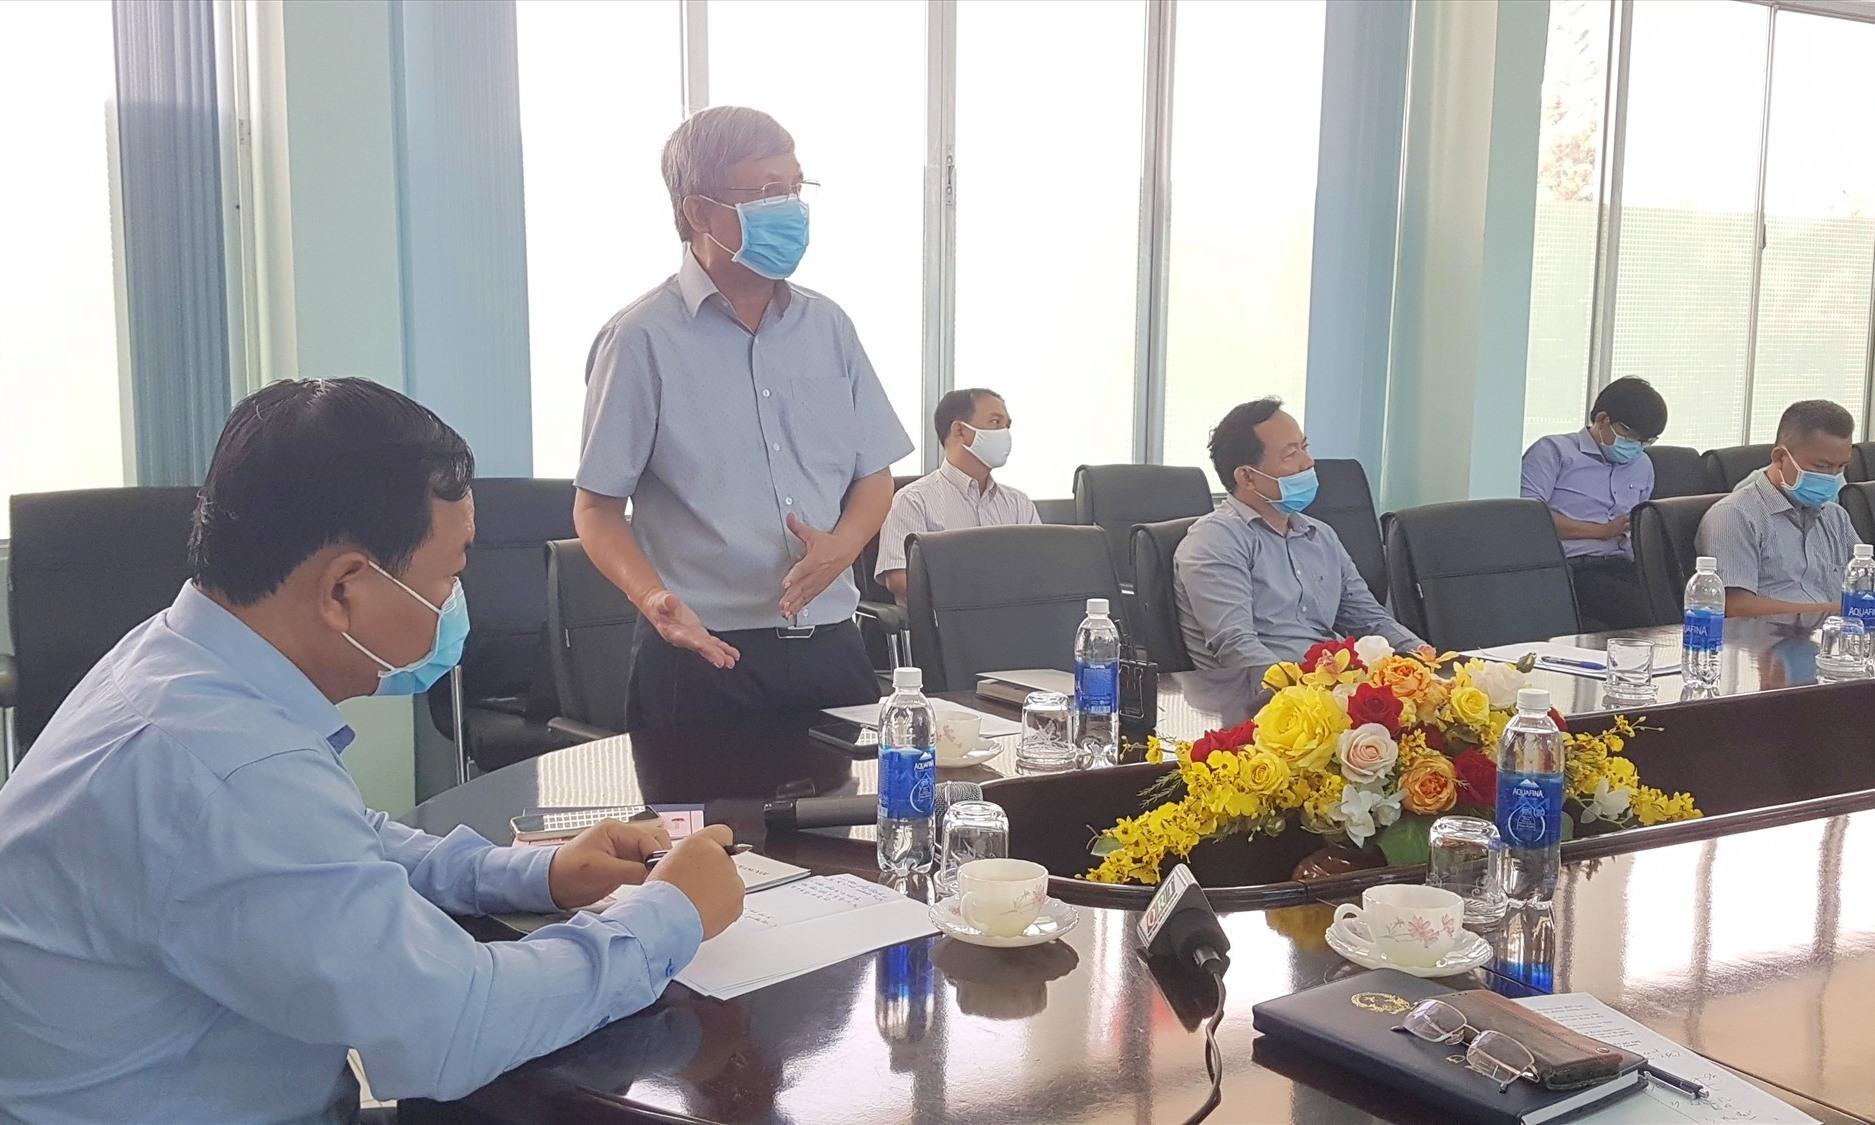 Đại diện chủ đầu tư KCN Điện Nam - Điện Ngọc cho biết đang gấp rút xử lý tình huống F0 đến KCN làm xuất hiện nhiều ca F1, F2. Ảnh: D.L